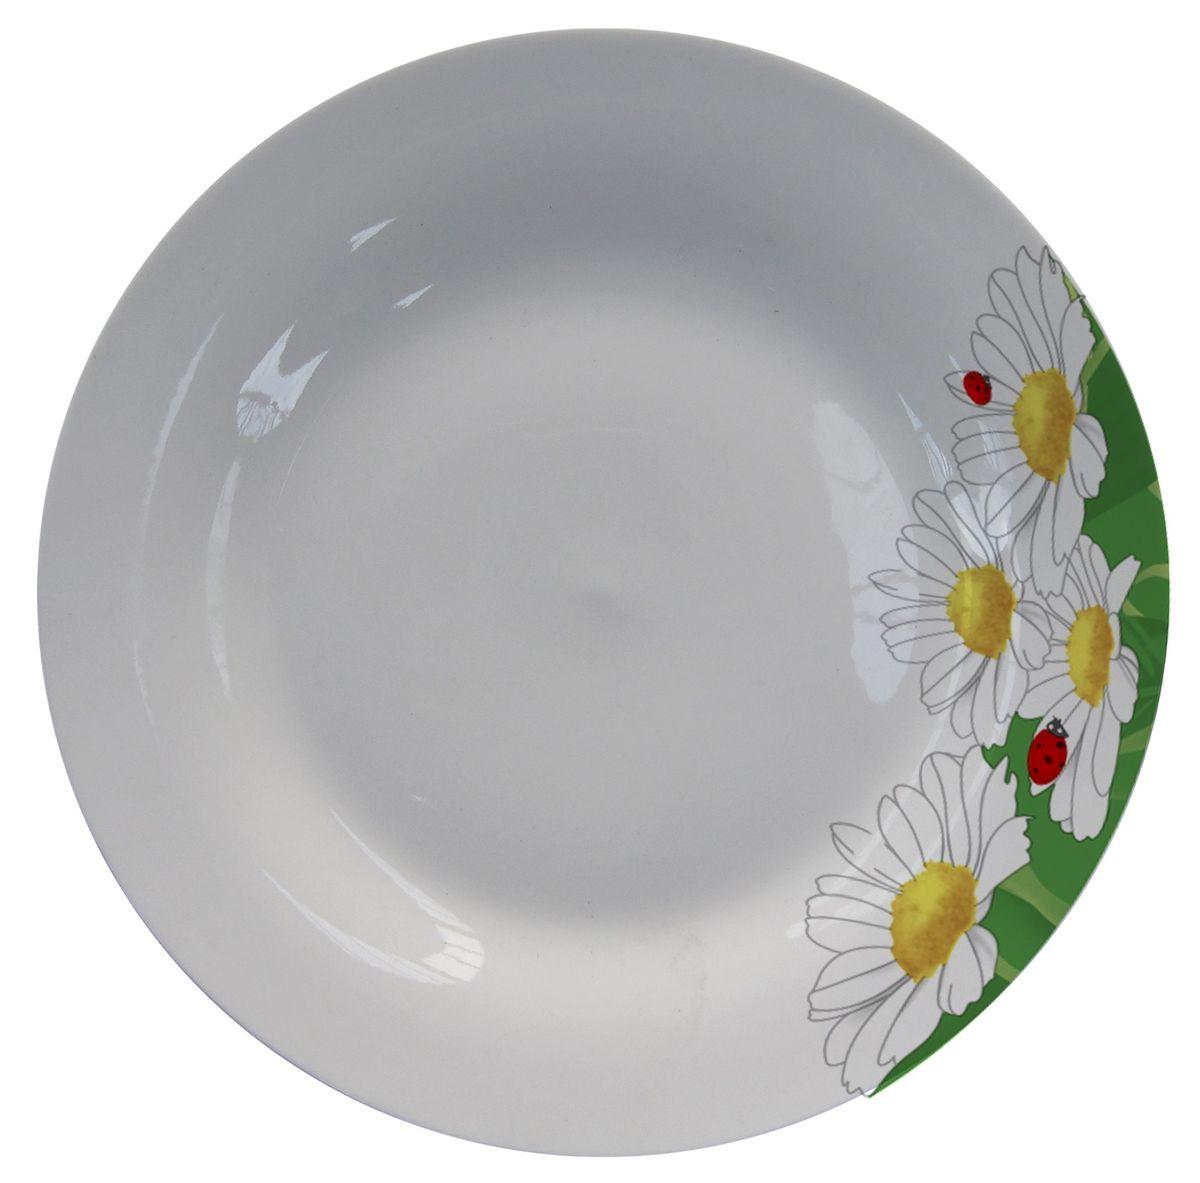 Тарелка МФК-профит Ромашки, диаметр 18 смVT-1520(SR)Тарелка МФК-профит, изготовленная из стеклокерамики, украшена ярким рисунком. Изящный дизайн придется по вкусу и ценителям классики, и тем, кто предпочитает утонченность.Такая тарелка идеально подойдет для сервировки стола и станет отличным подарком к любому празднику.